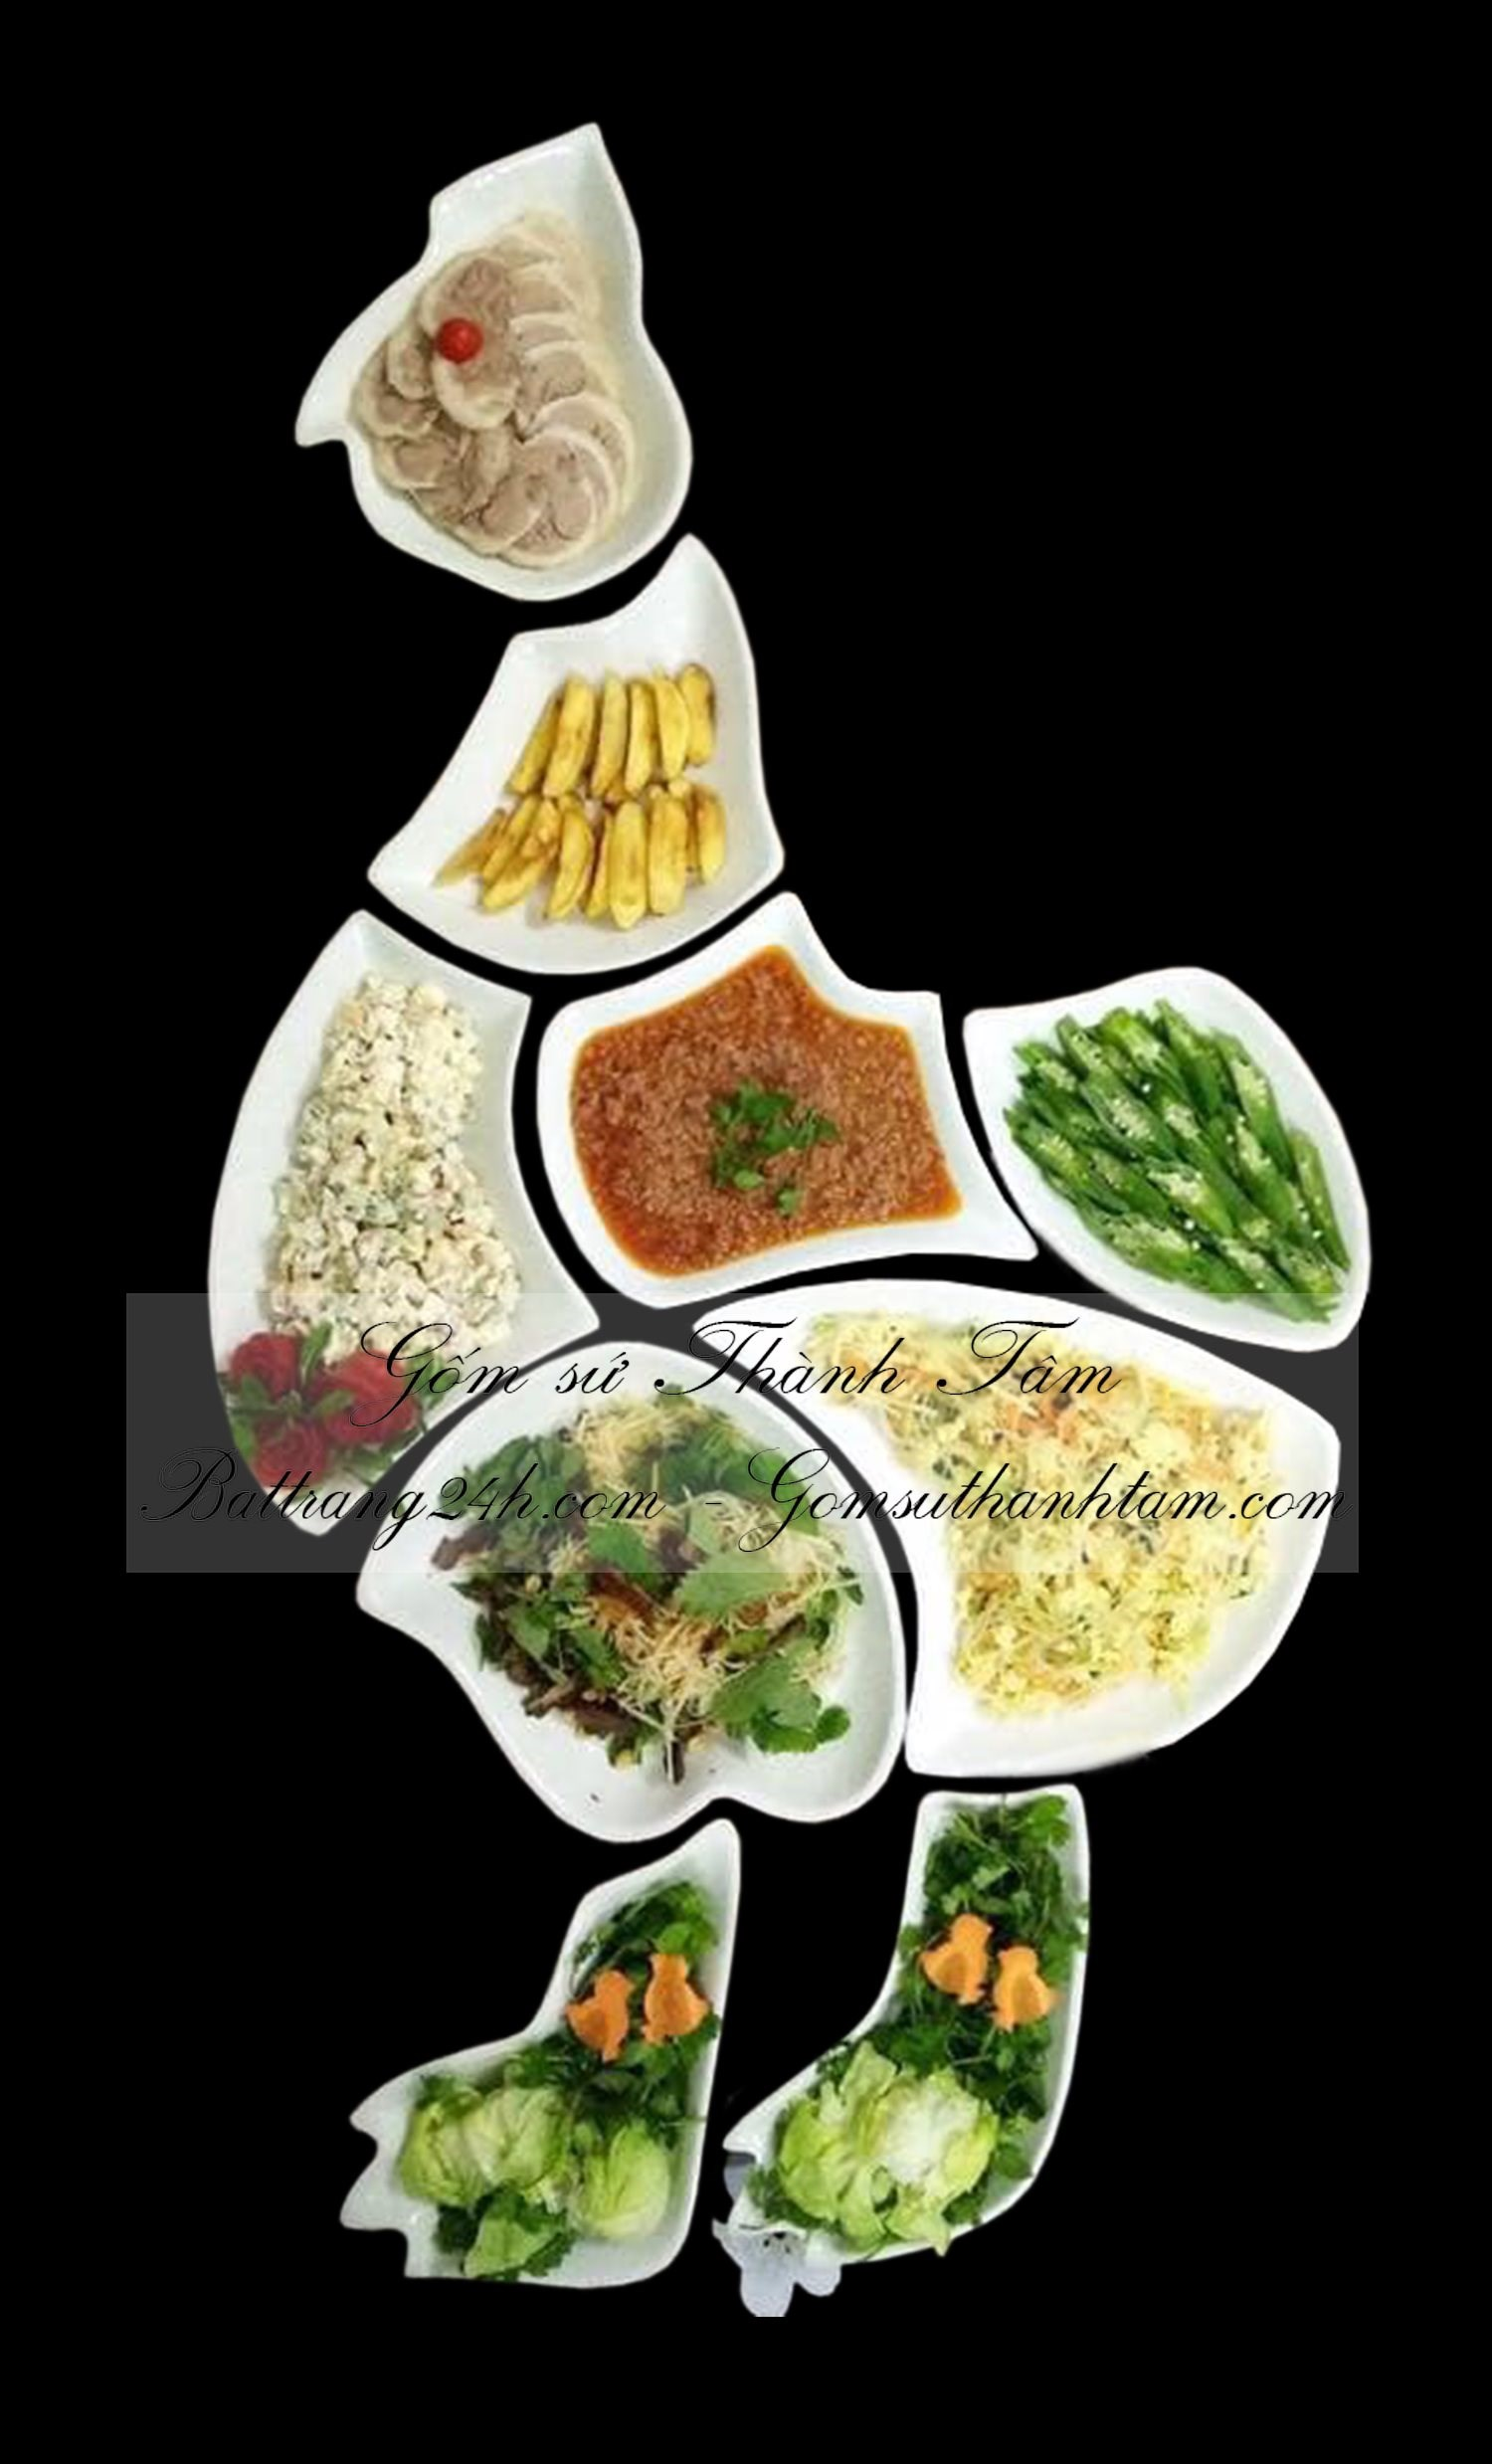 Mua bộ bát đĩa hình con gà, bộ bát đĩa cao cấp bày biện đồ ăn, thức ăn đẹp mắt chất lượng giá rẻ